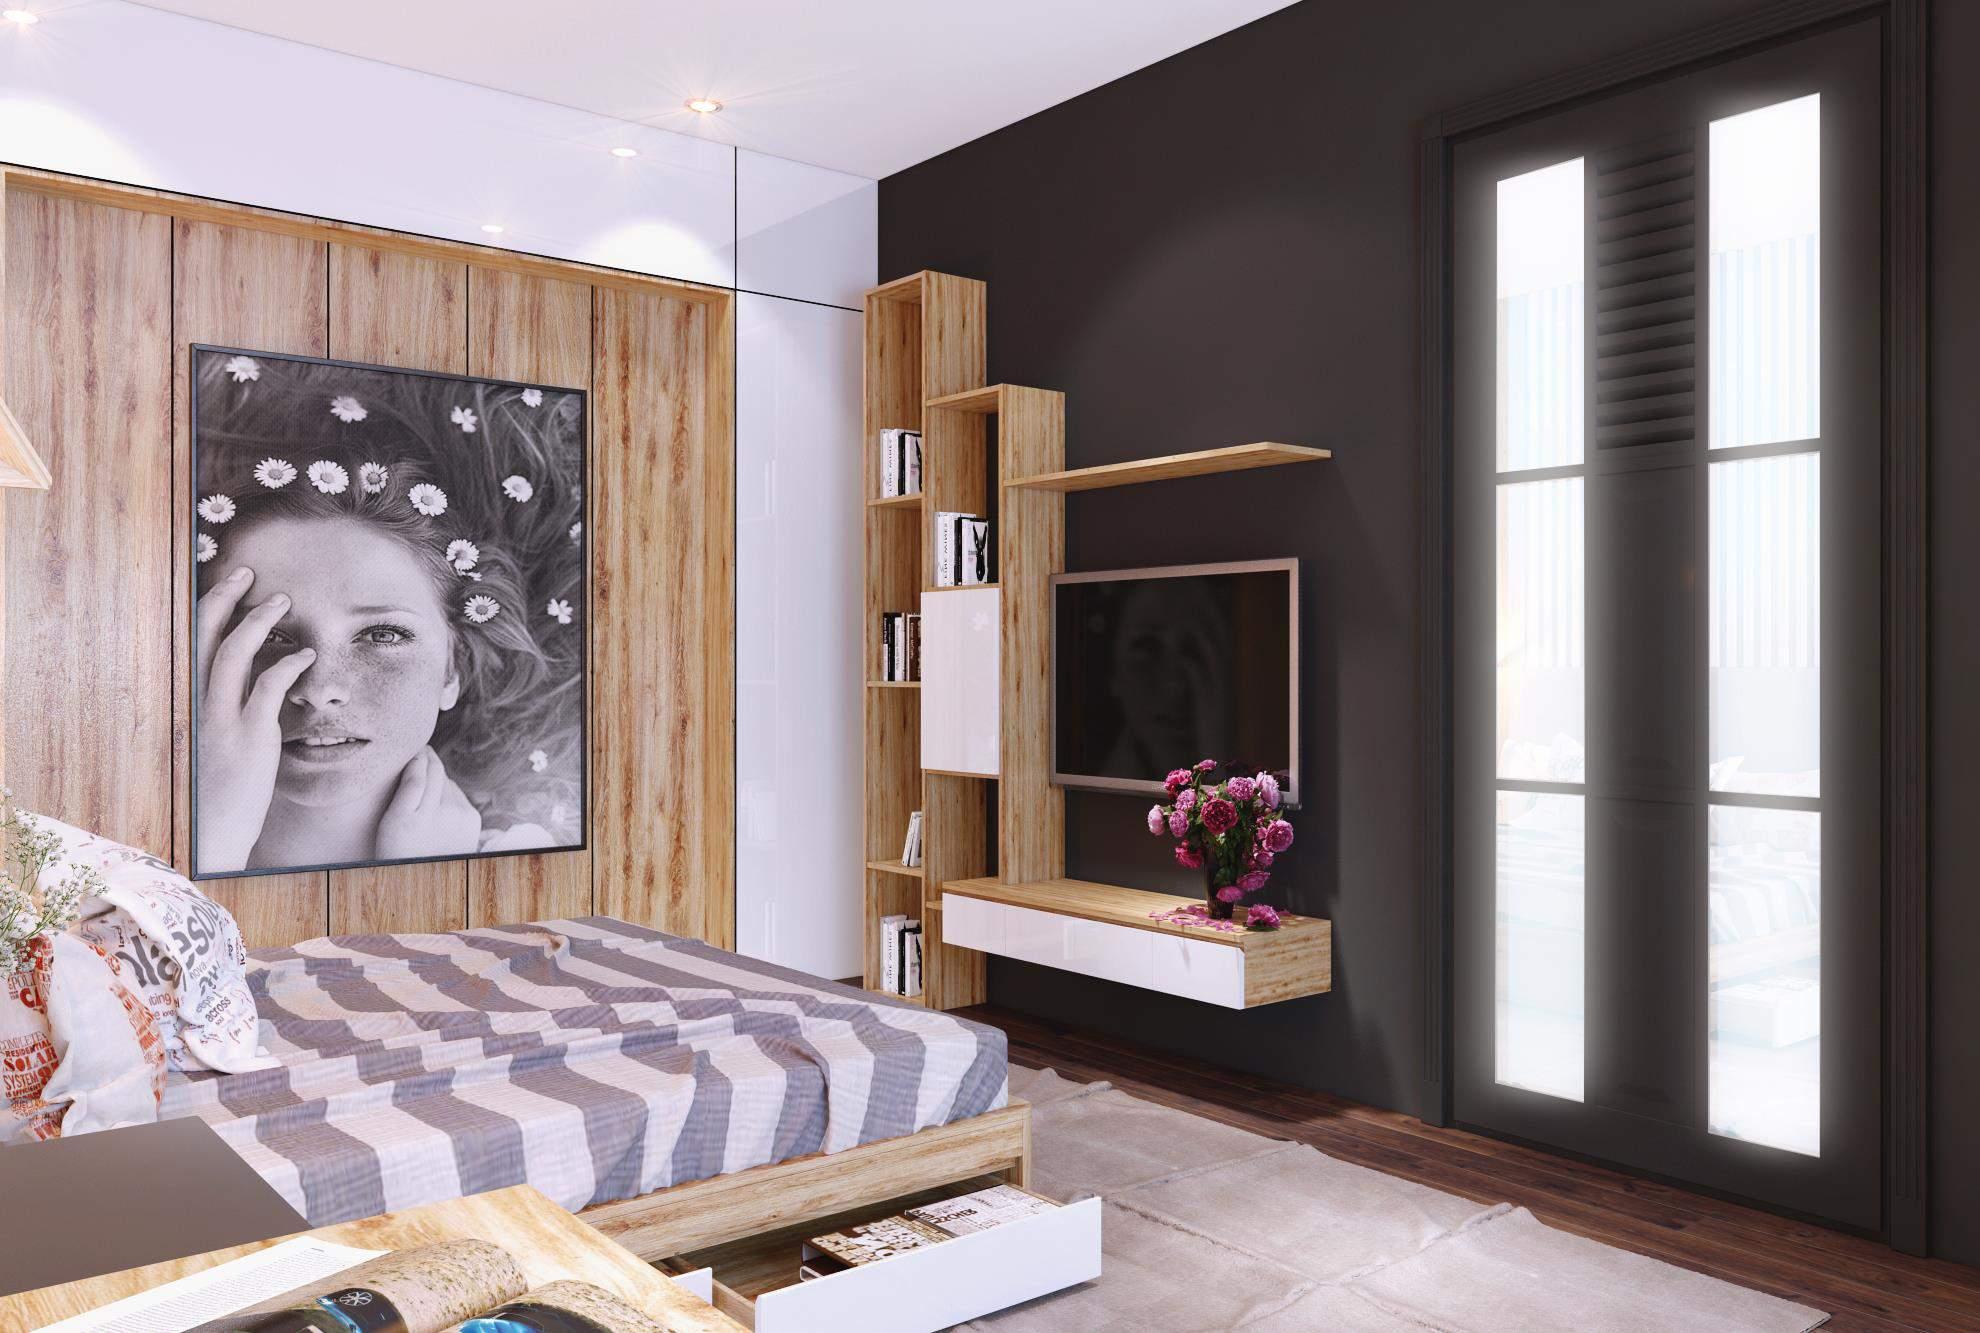 Mẫu thiết kế phòng ngủ nhỏ đơn giản mà đẹp